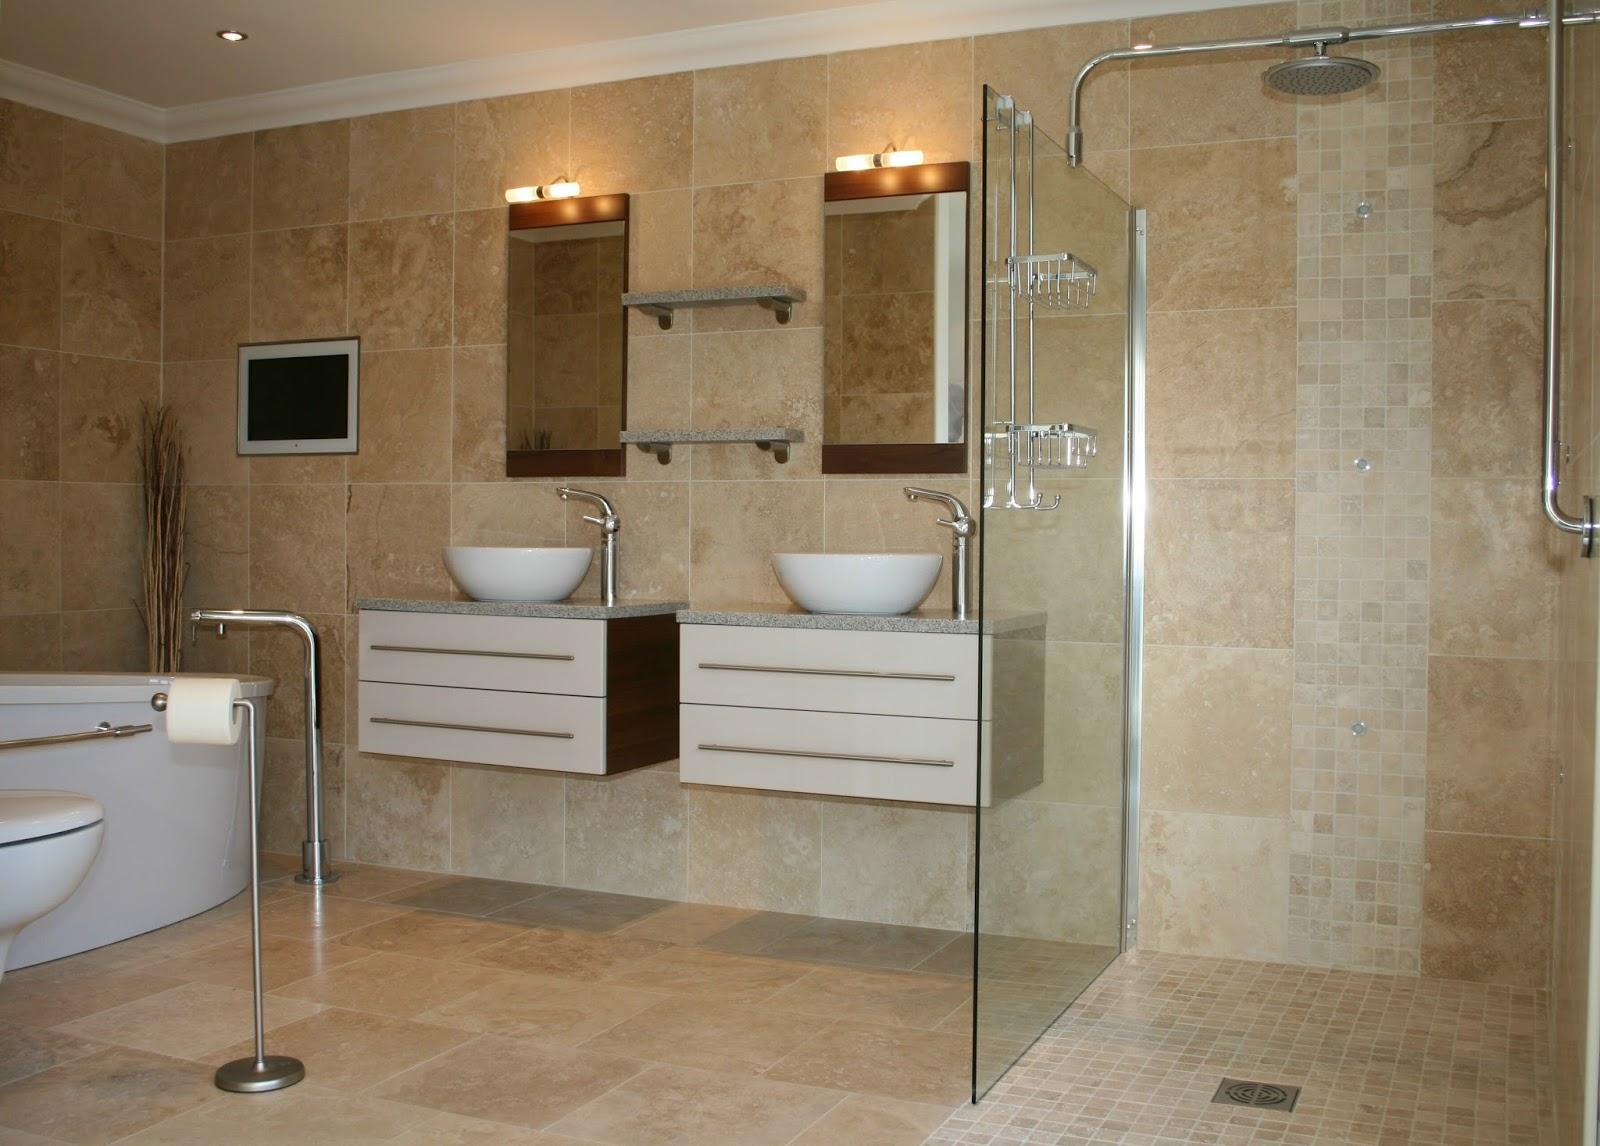 Carrelage imitation pierre sale de bain - Enlever calcaire carrelage salle de bain ...